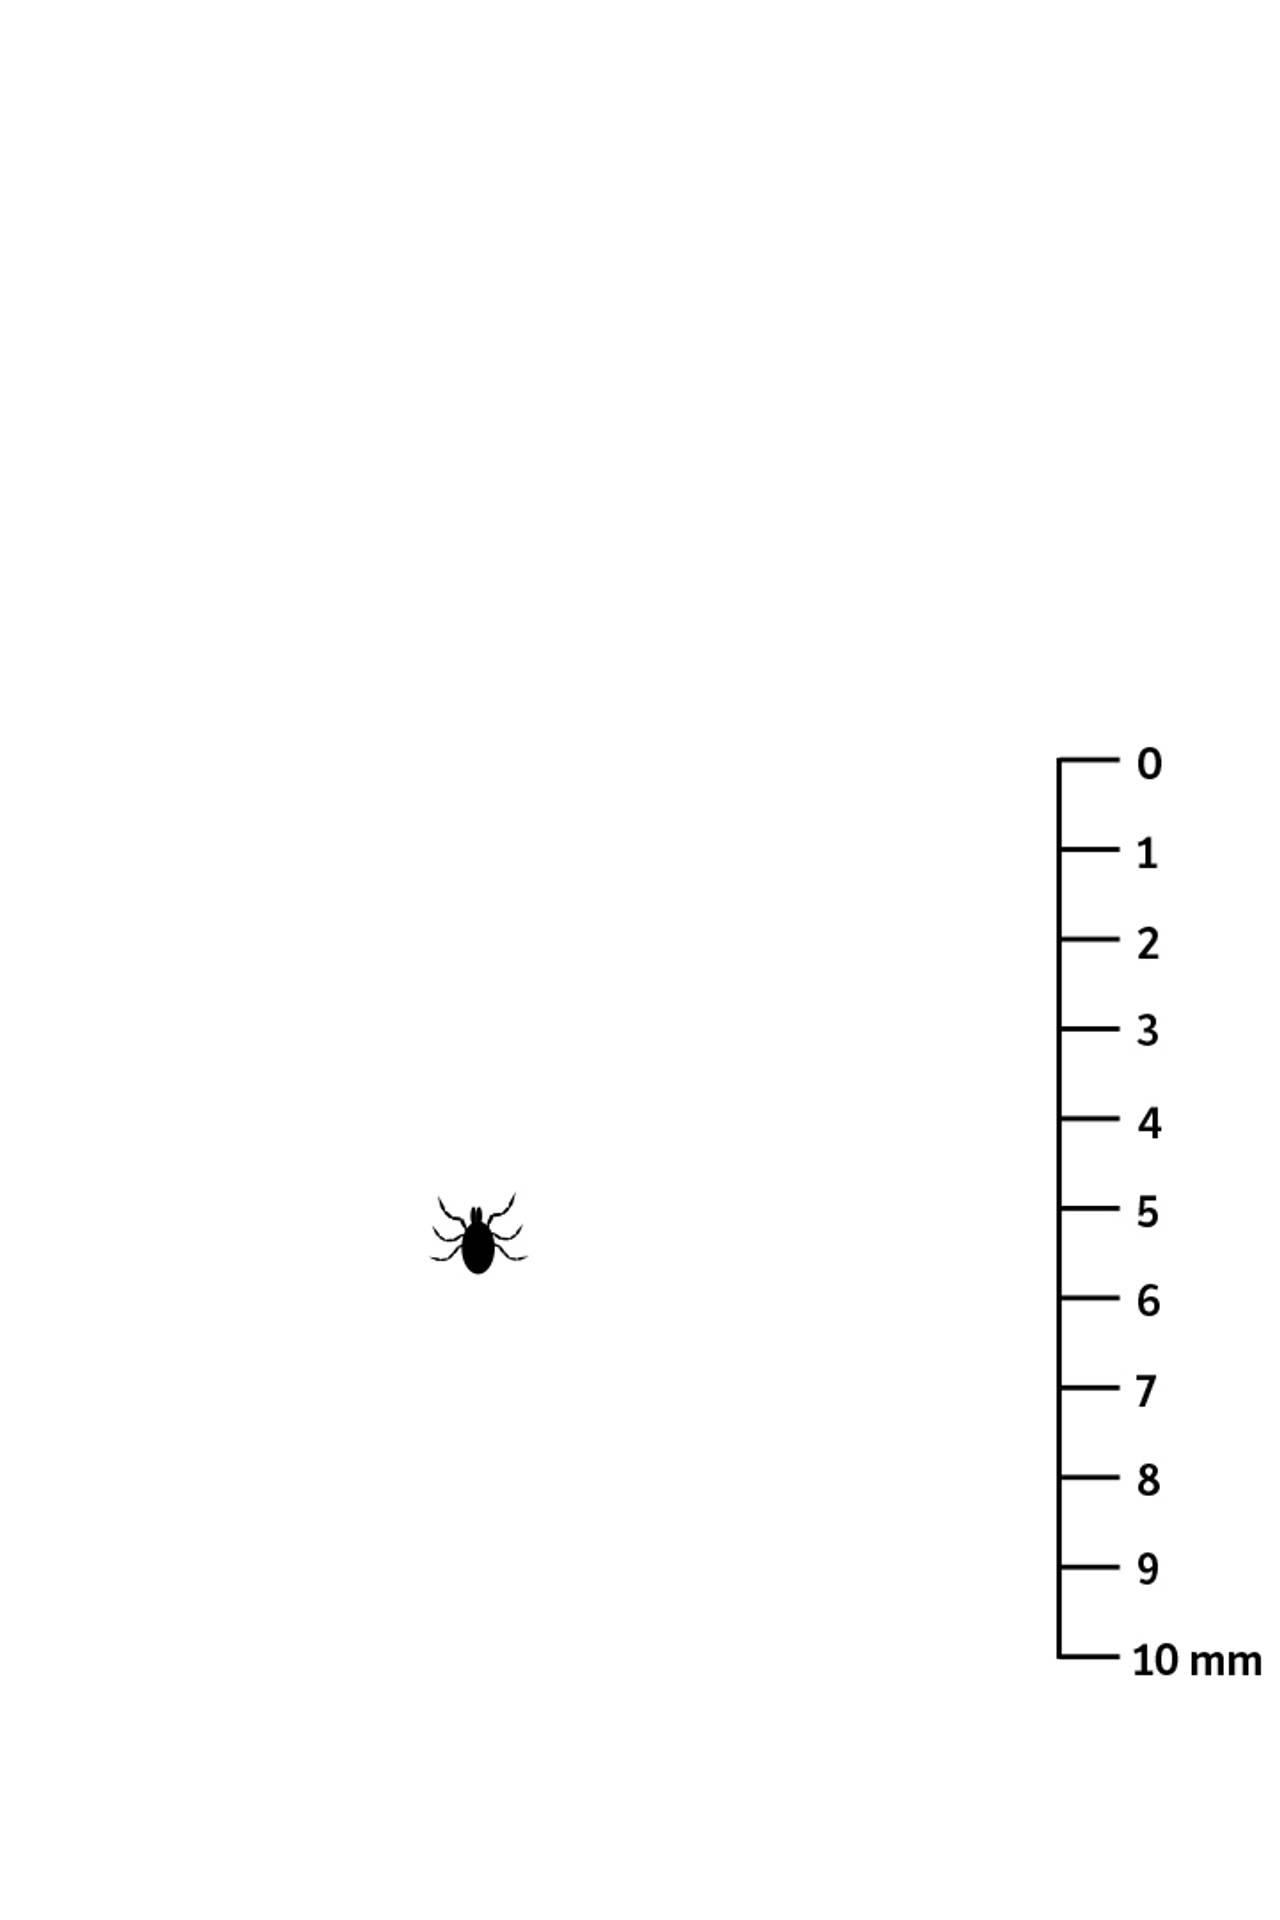 Flåttlarve